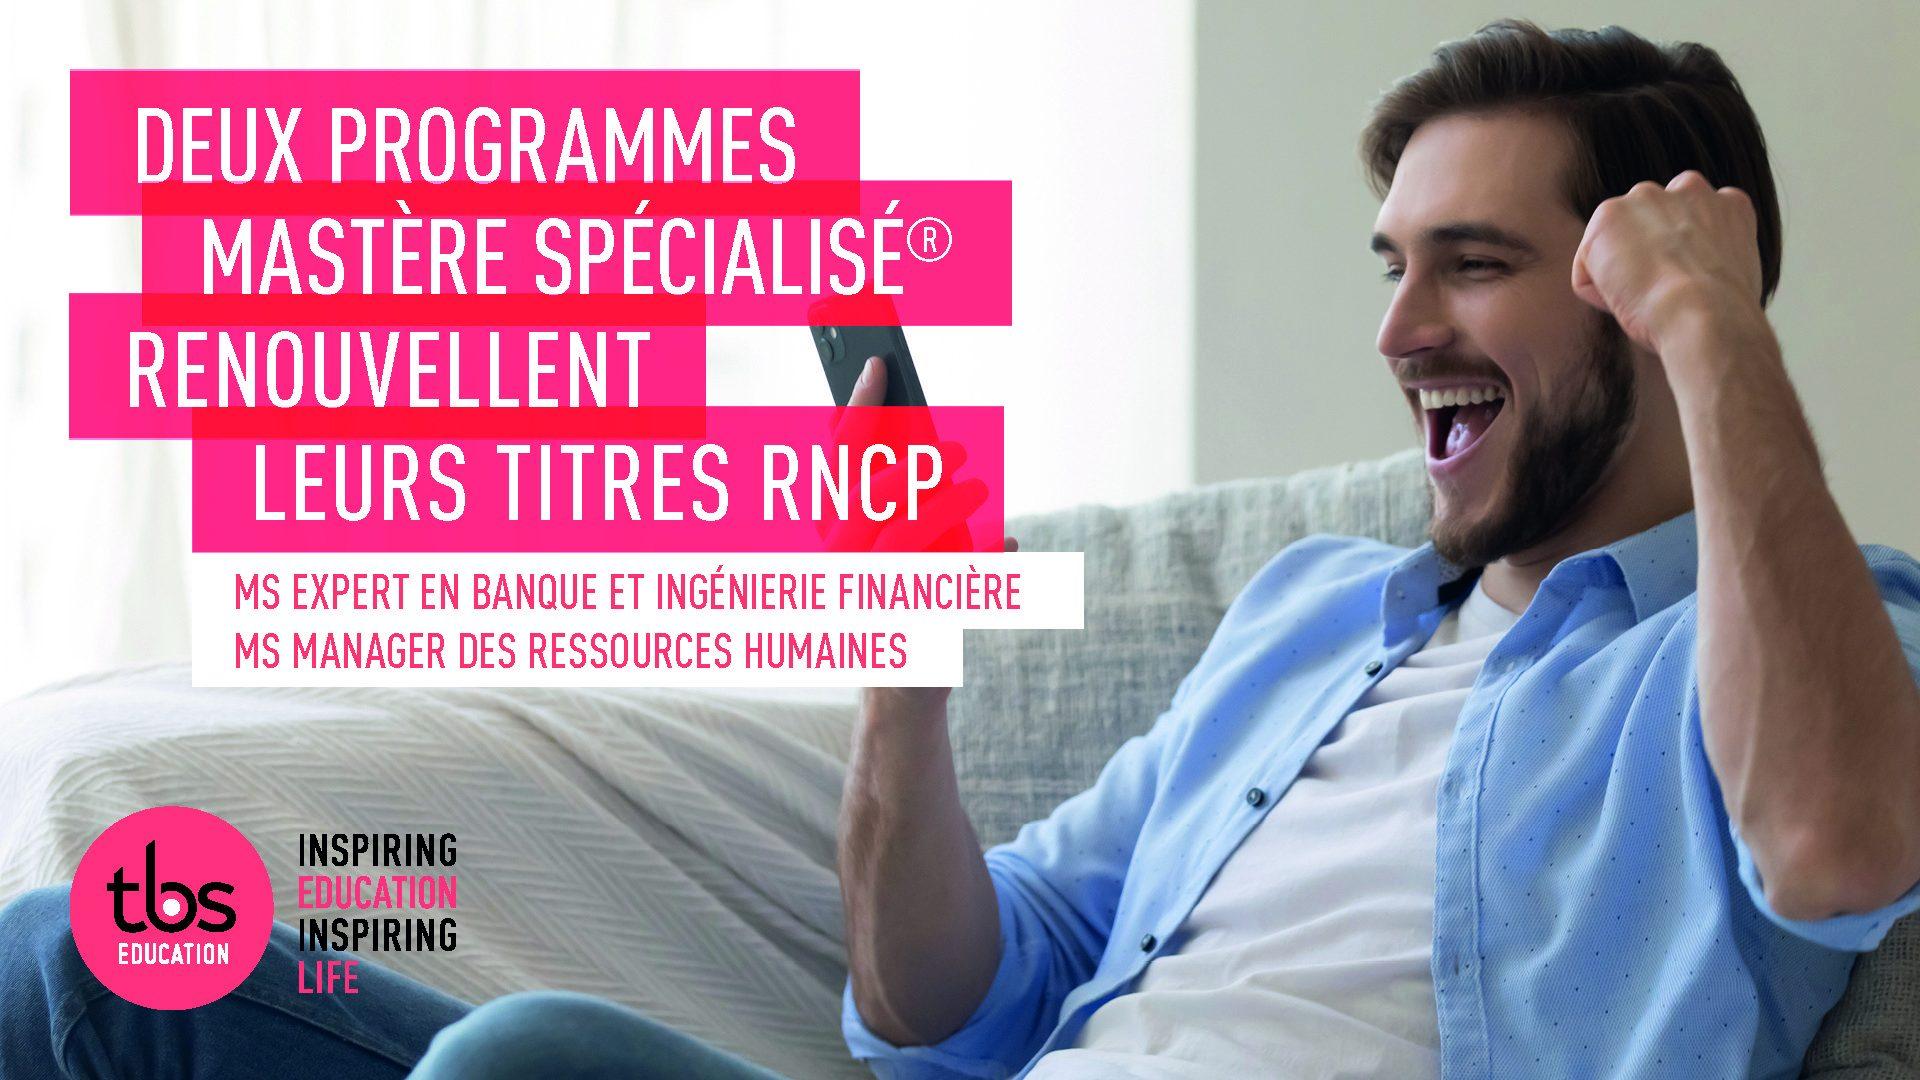 Ms Titre Rncp Banque & Rh